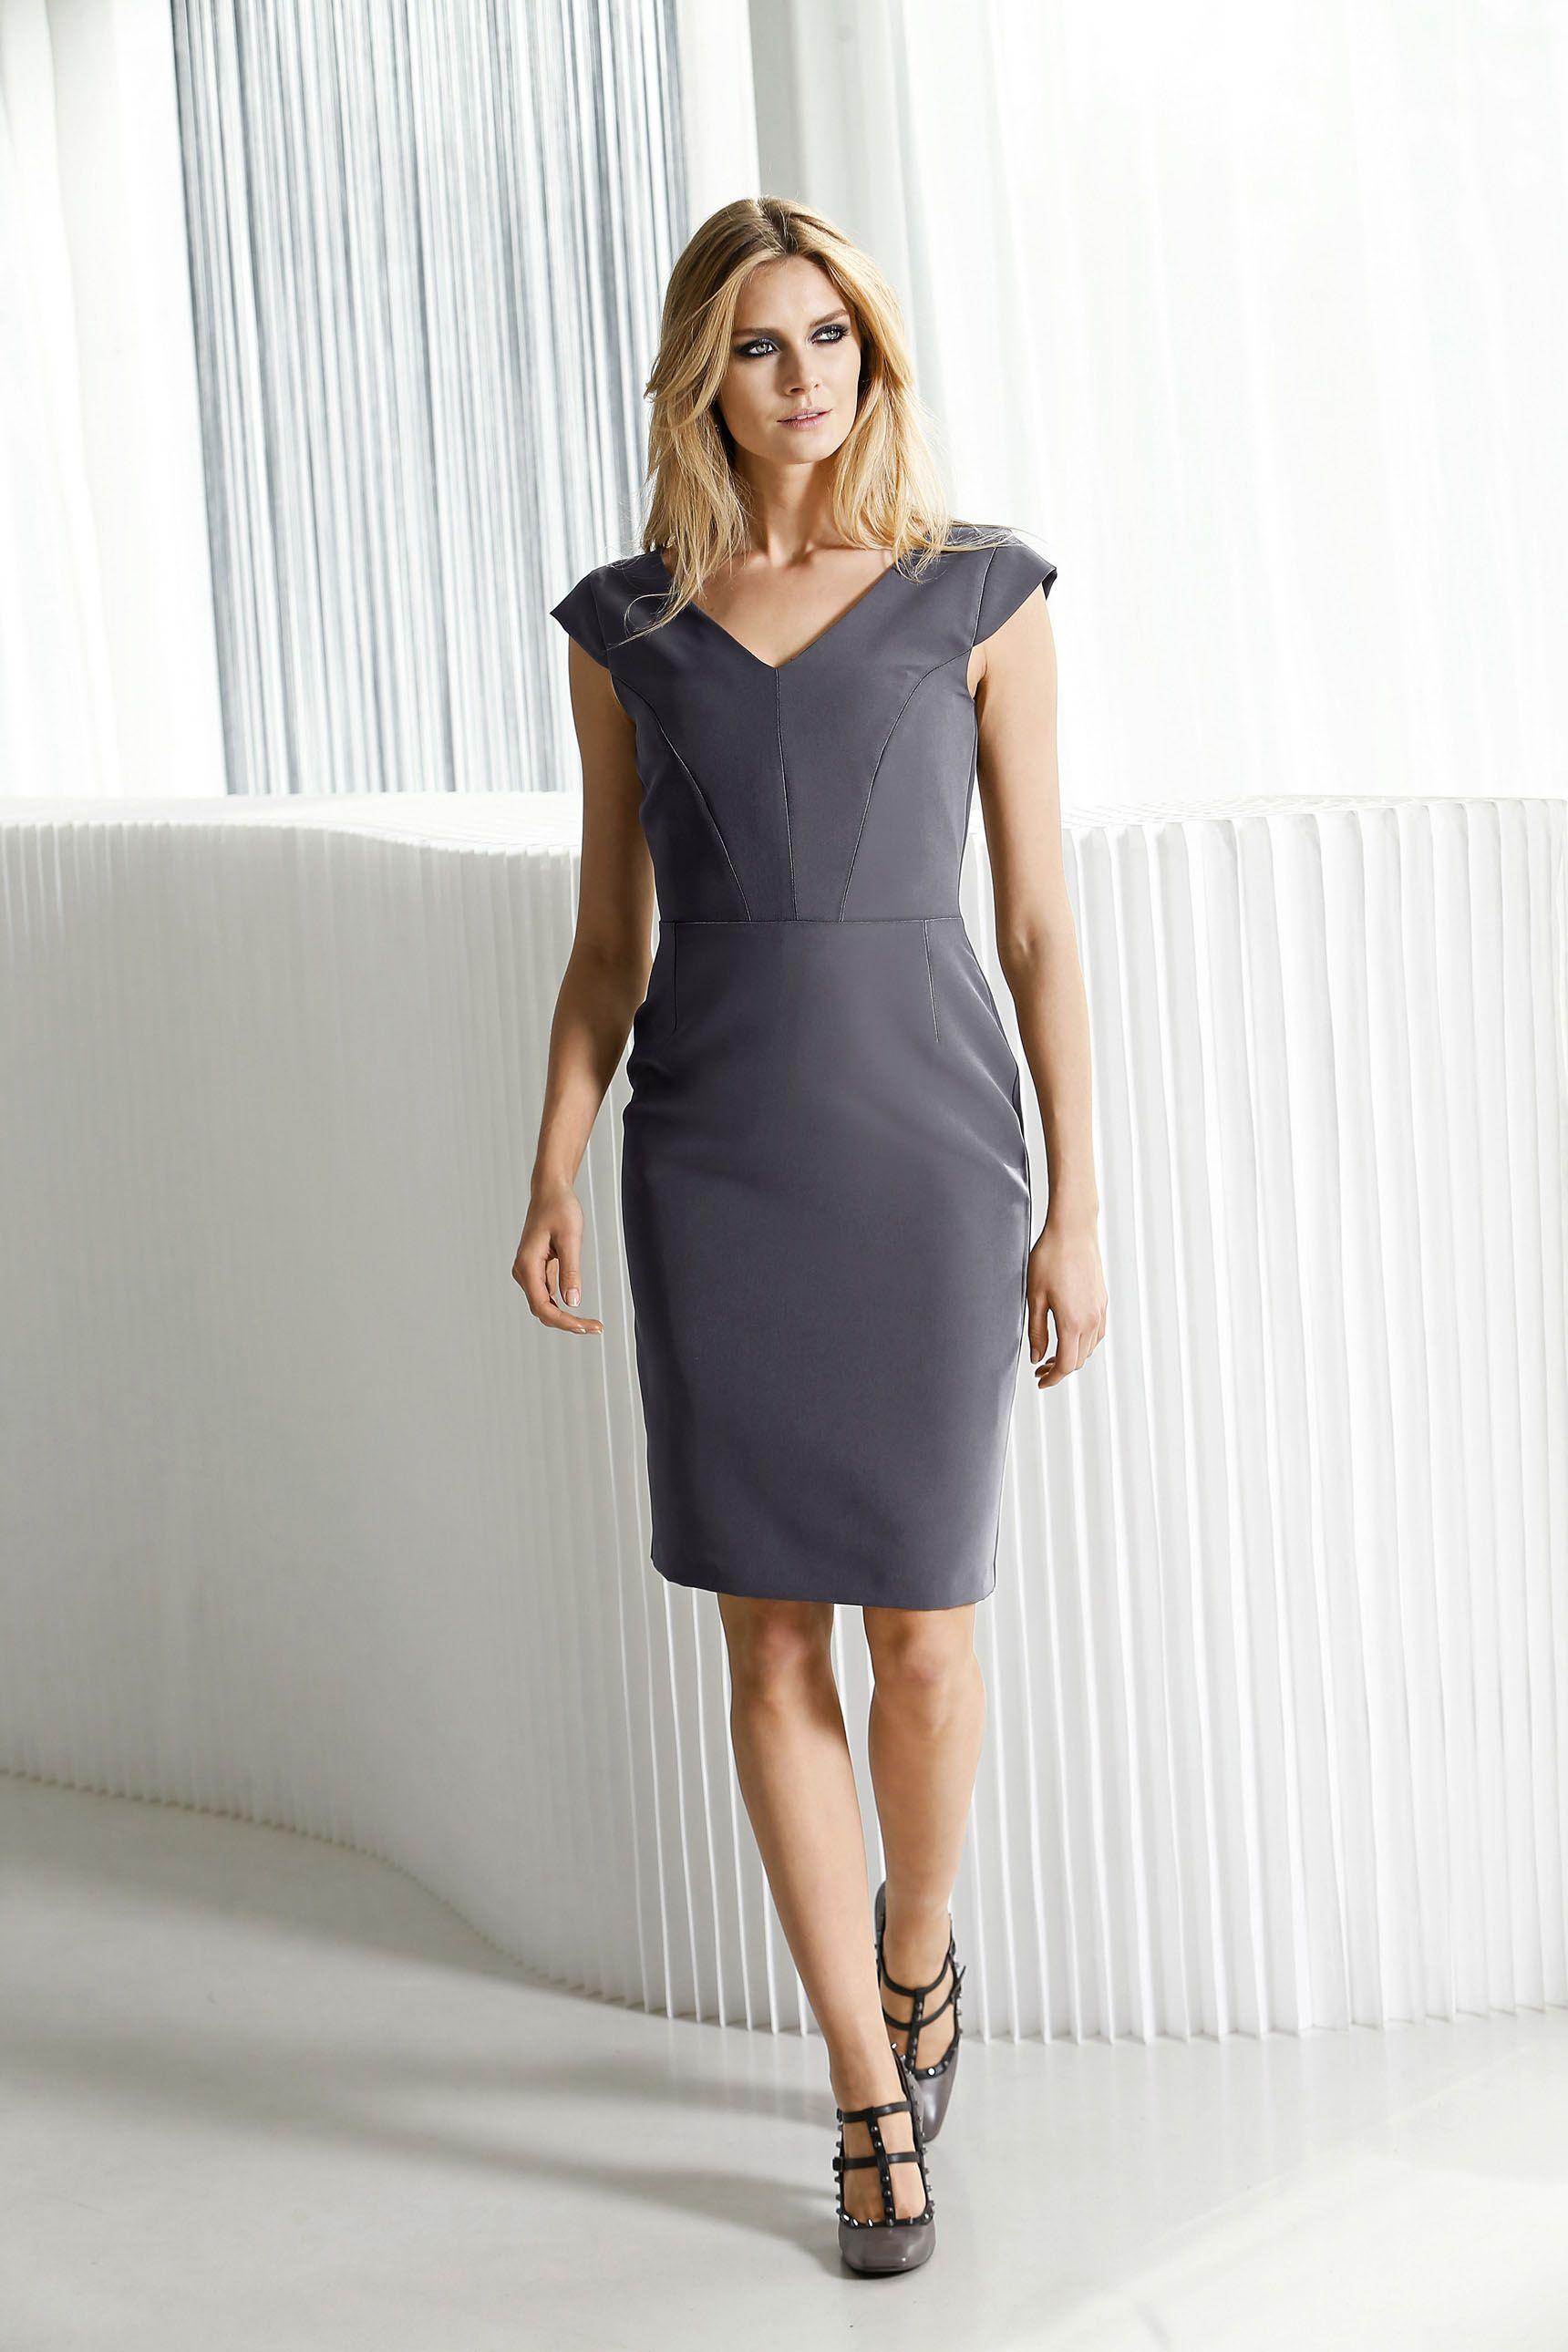 ALBA MODA Kleid in figurbetonter Form  Dresses for work, Little